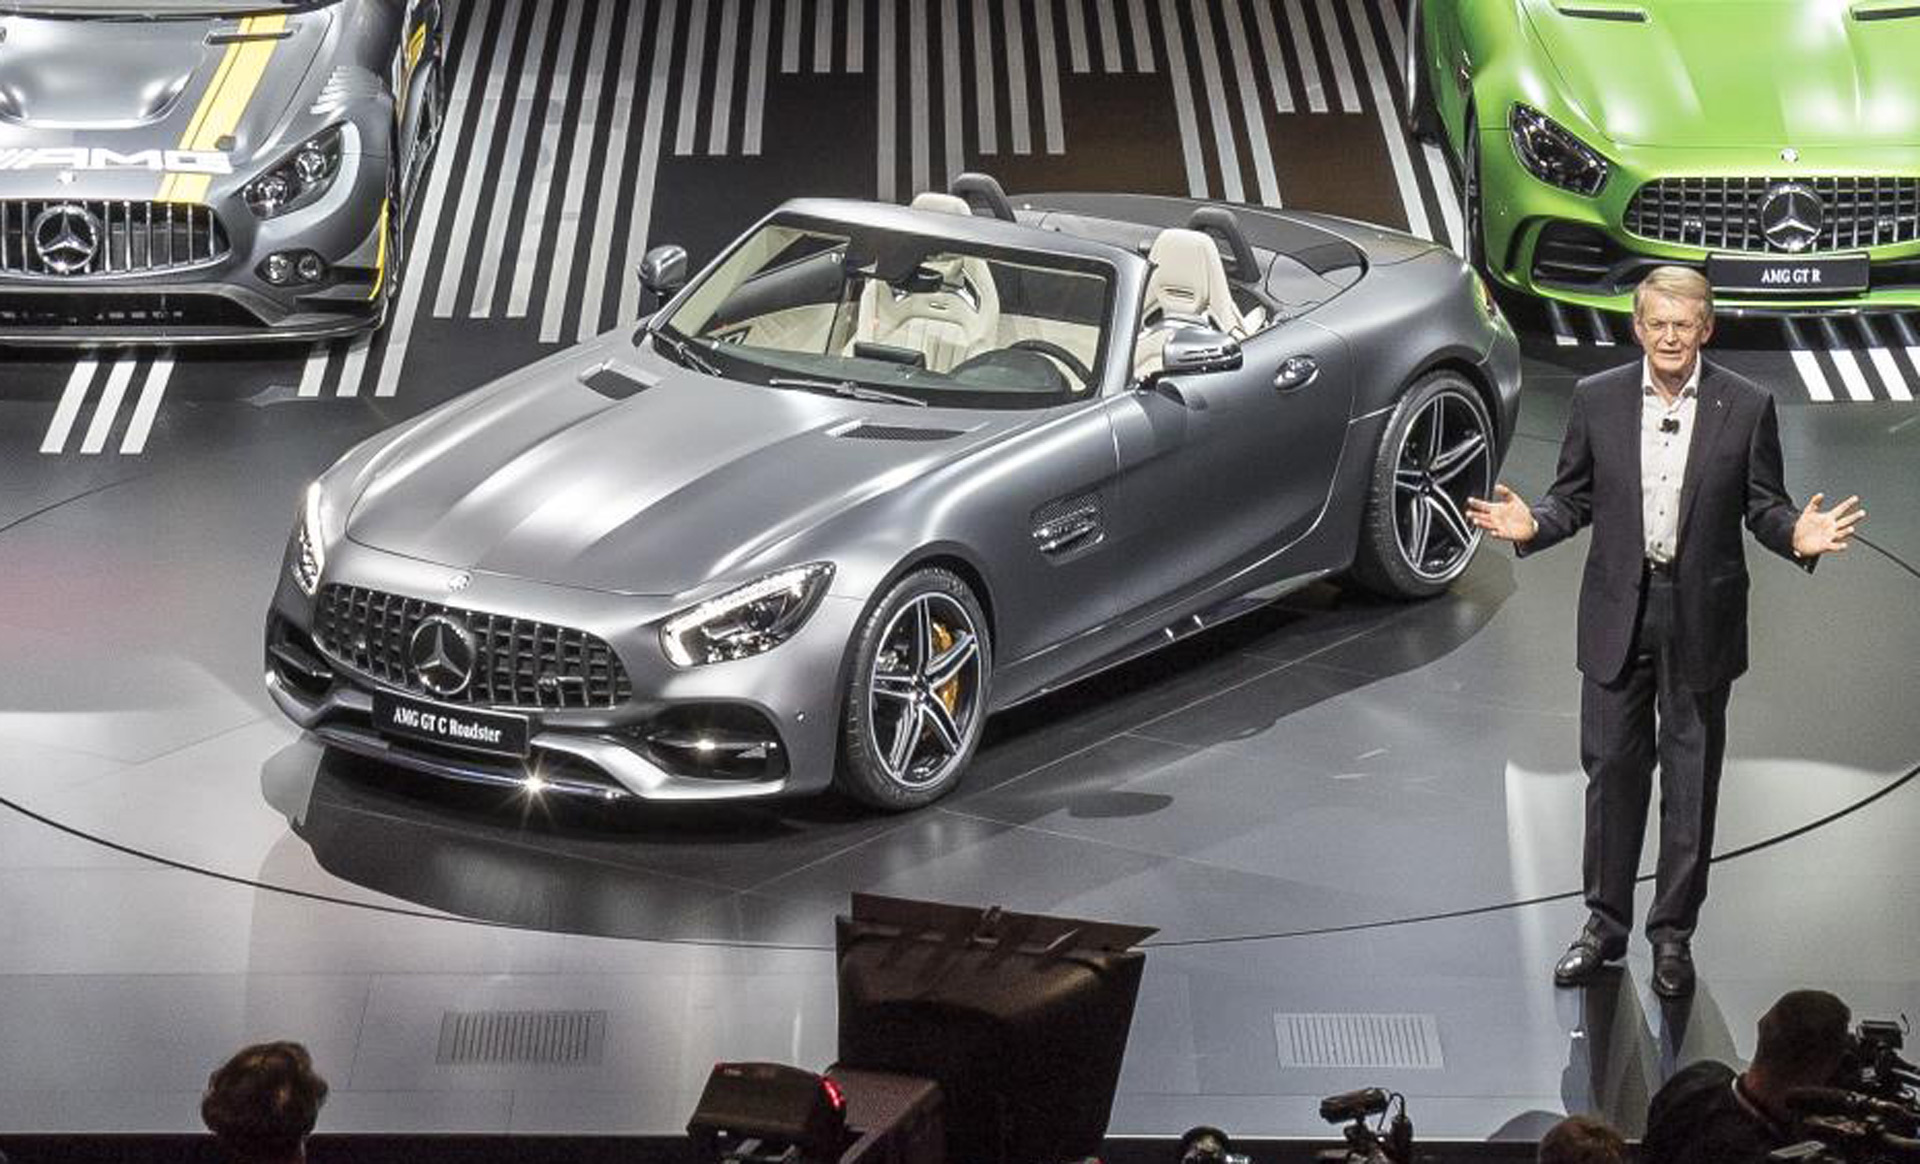 2018 mercedes amg gt roadster gets paris auto show debut - Paris motor show ...